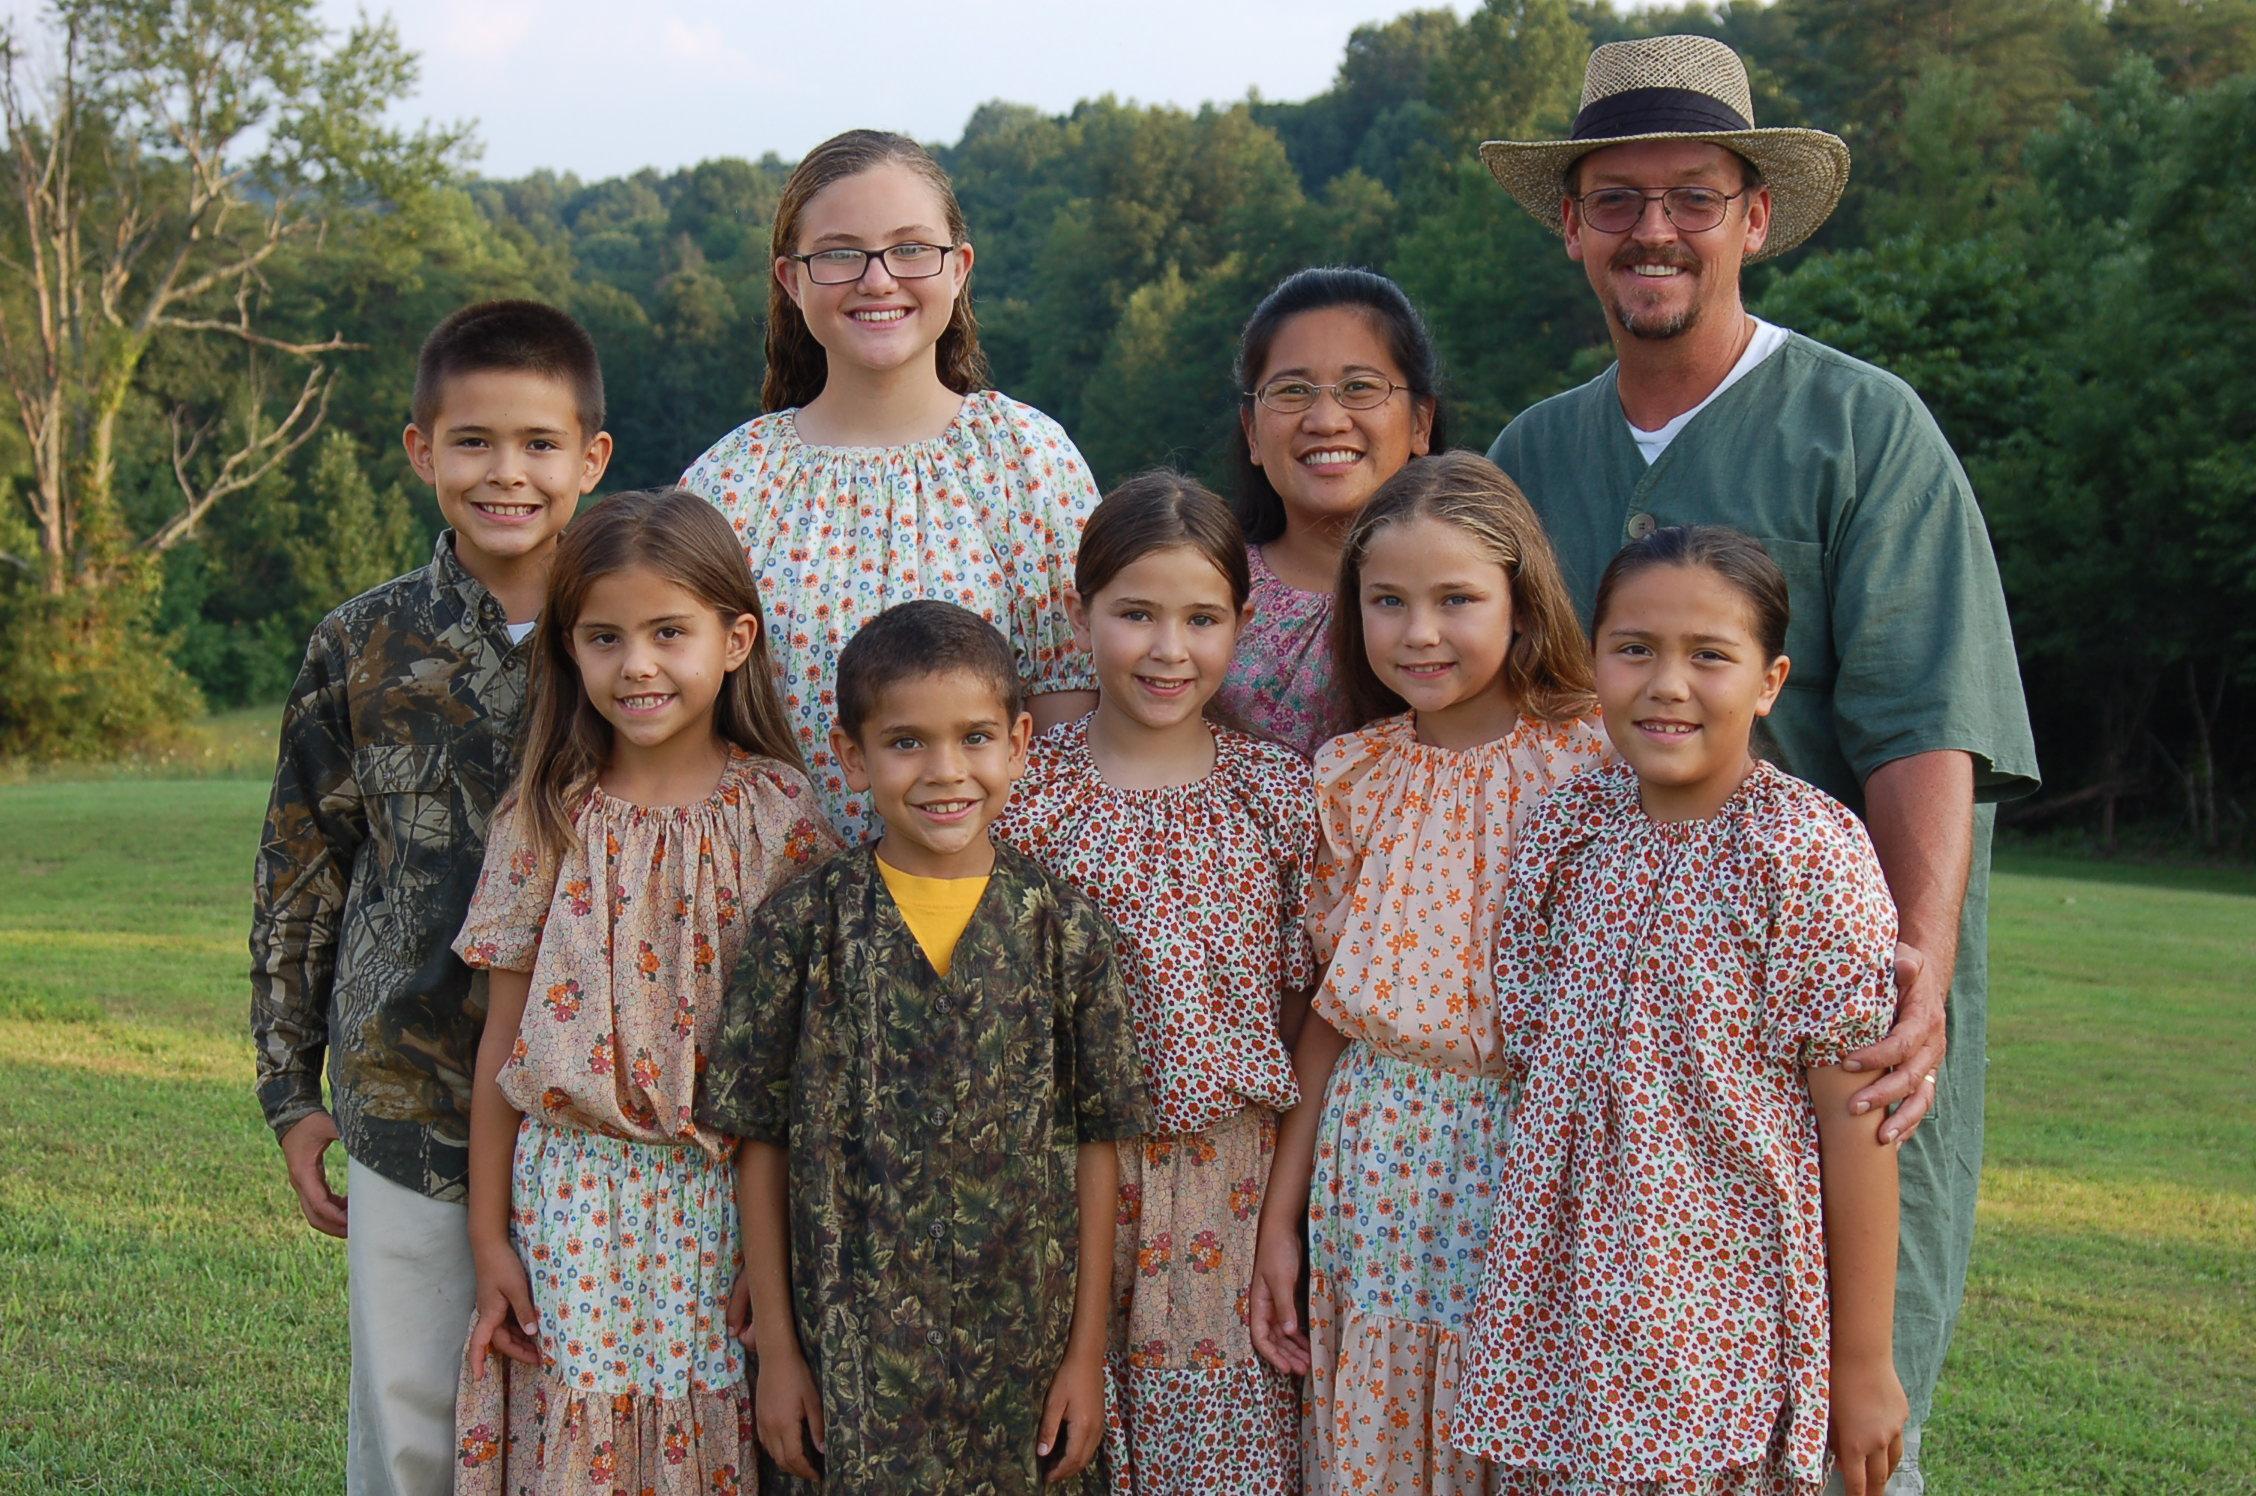 L to R: Daniel, Hannah, Jenna, Seth, Caitlin, Nida, Sarah, Victoria, John